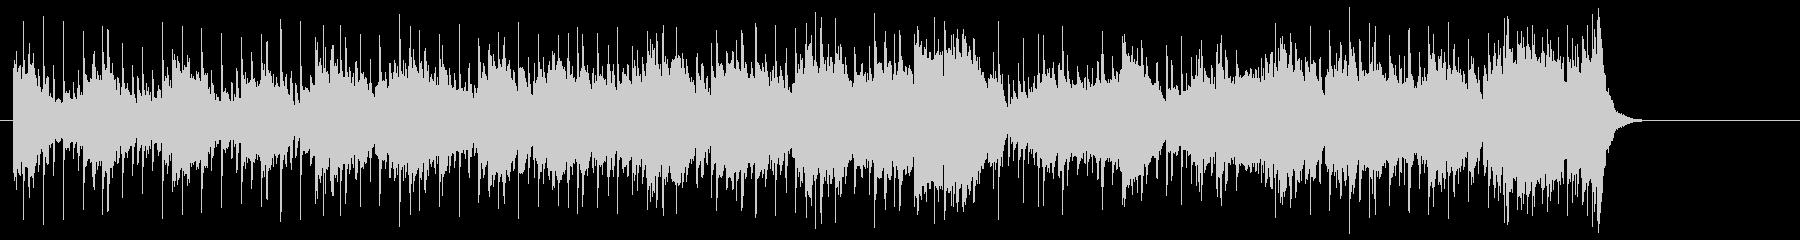 ロックなノリで引っ張るポップフュージョンの未再生の波形